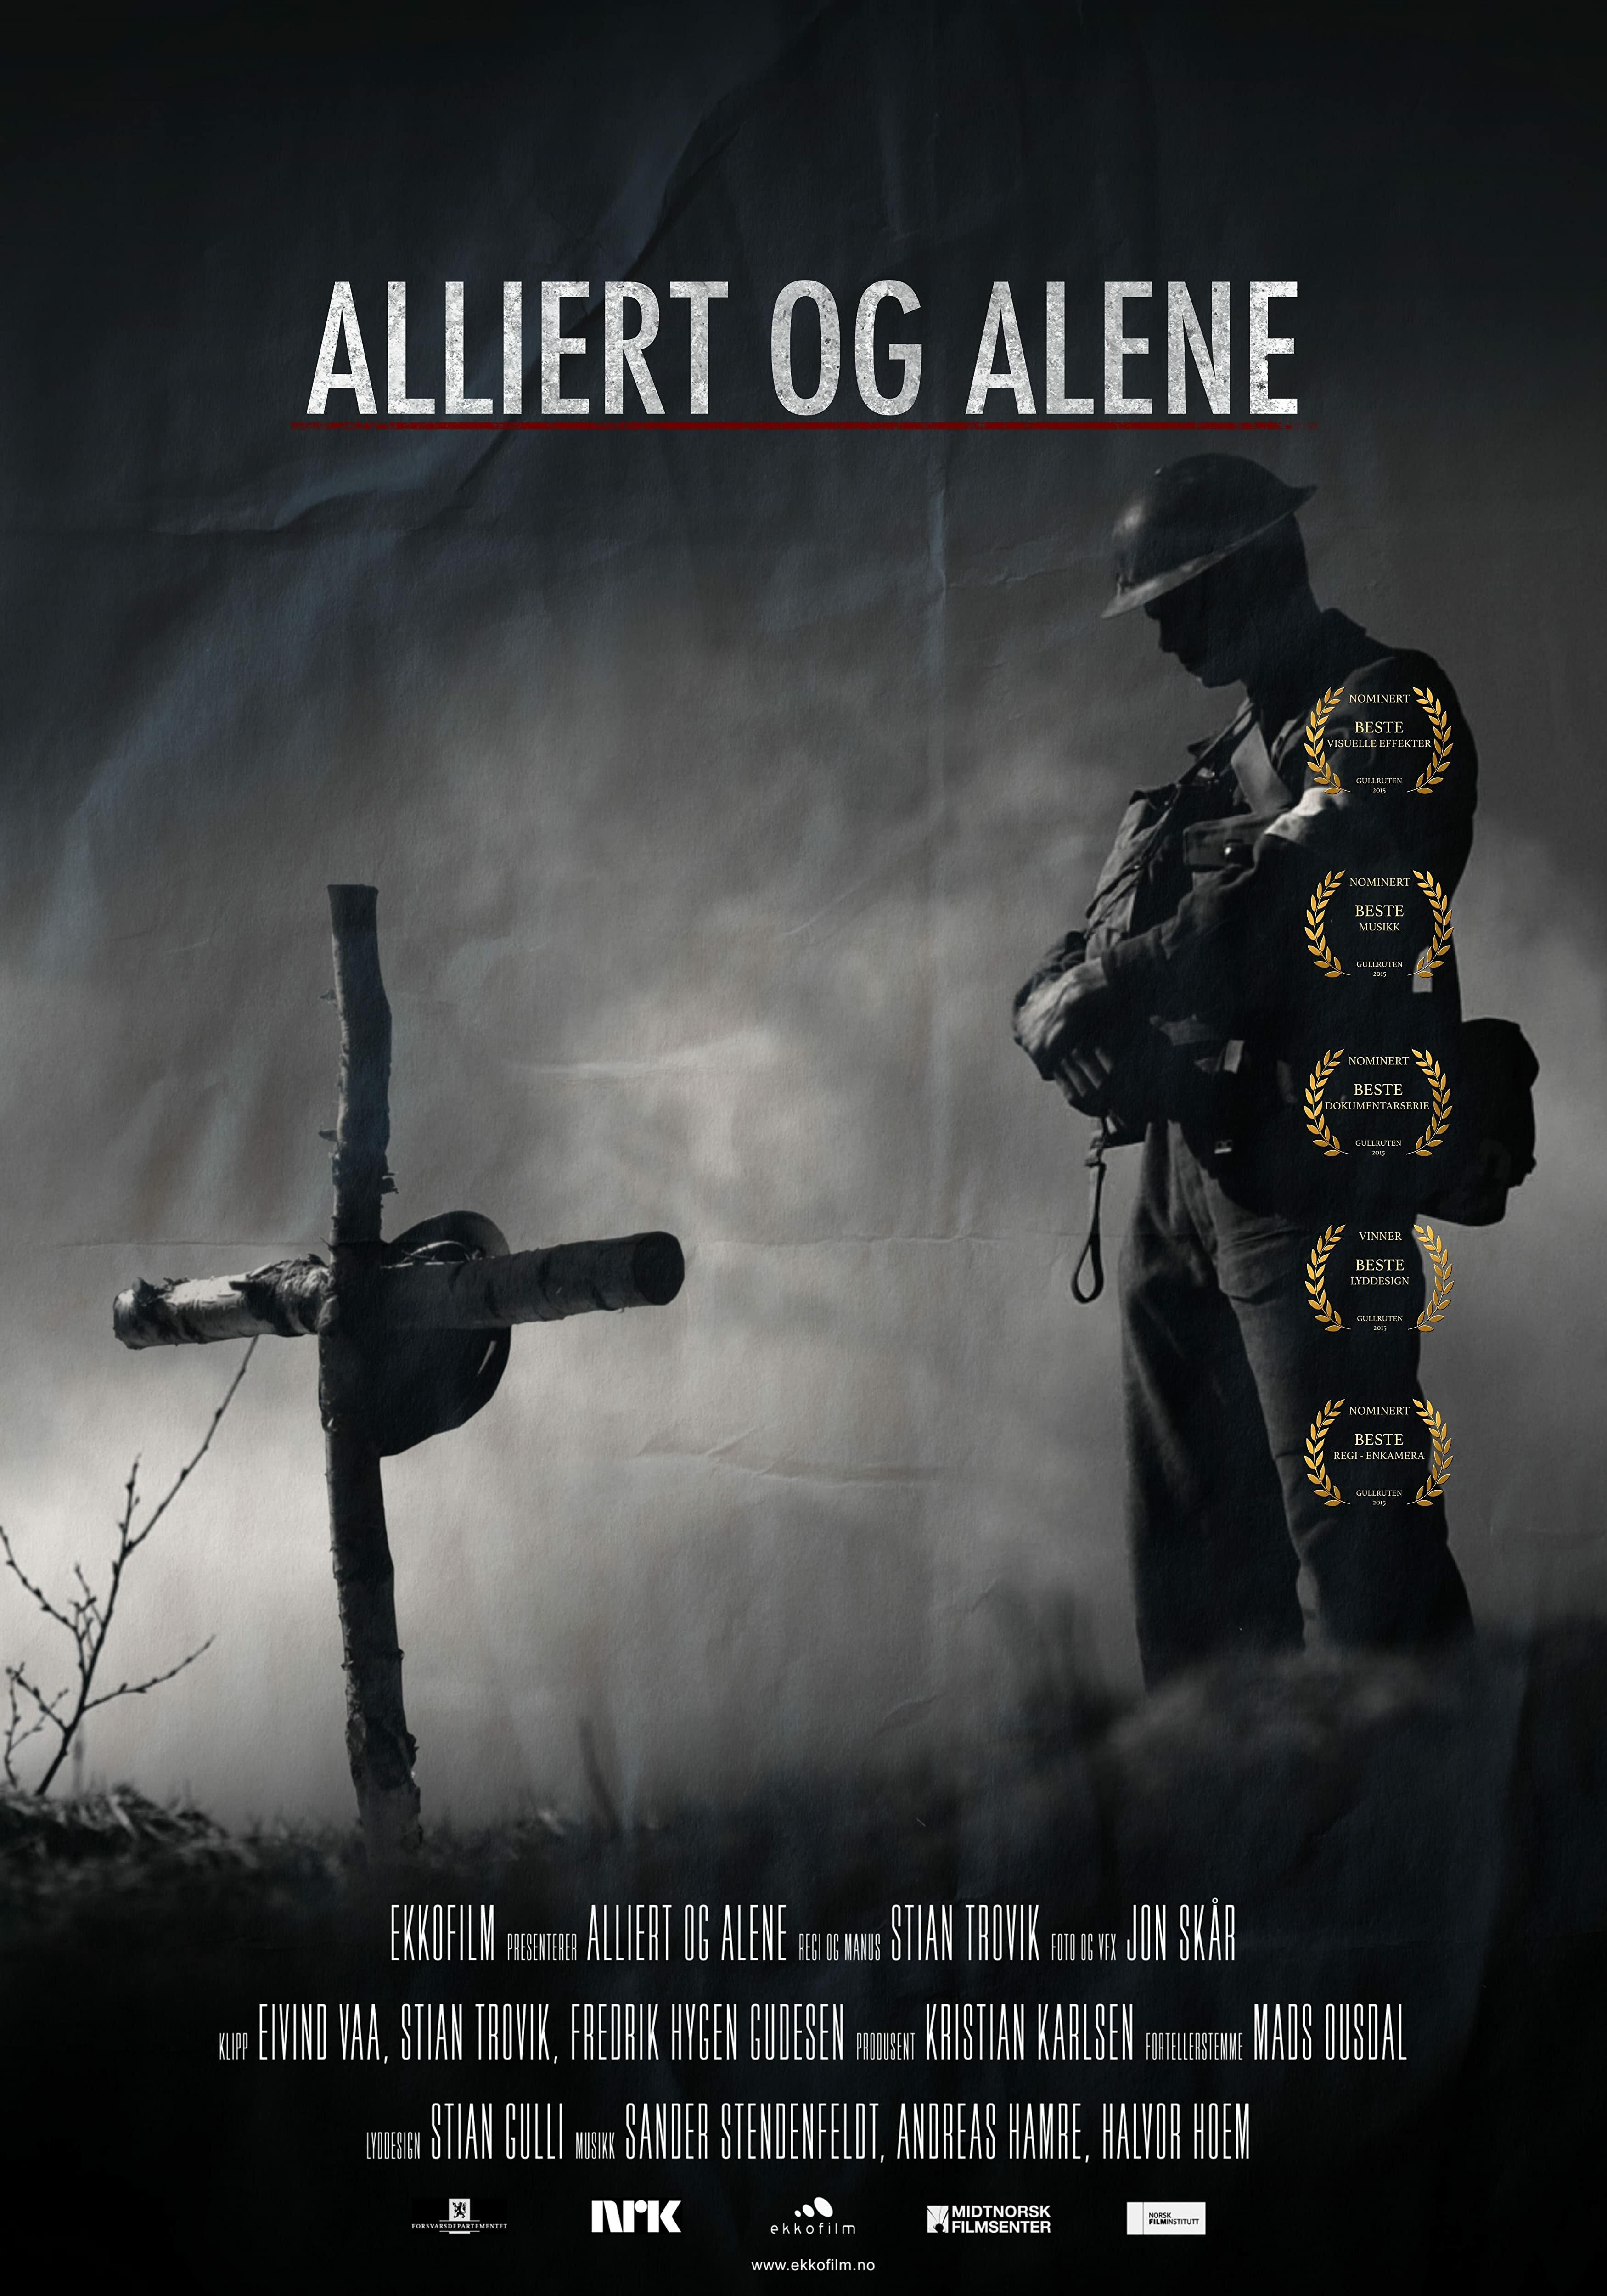 Alliert og alene ne zaman